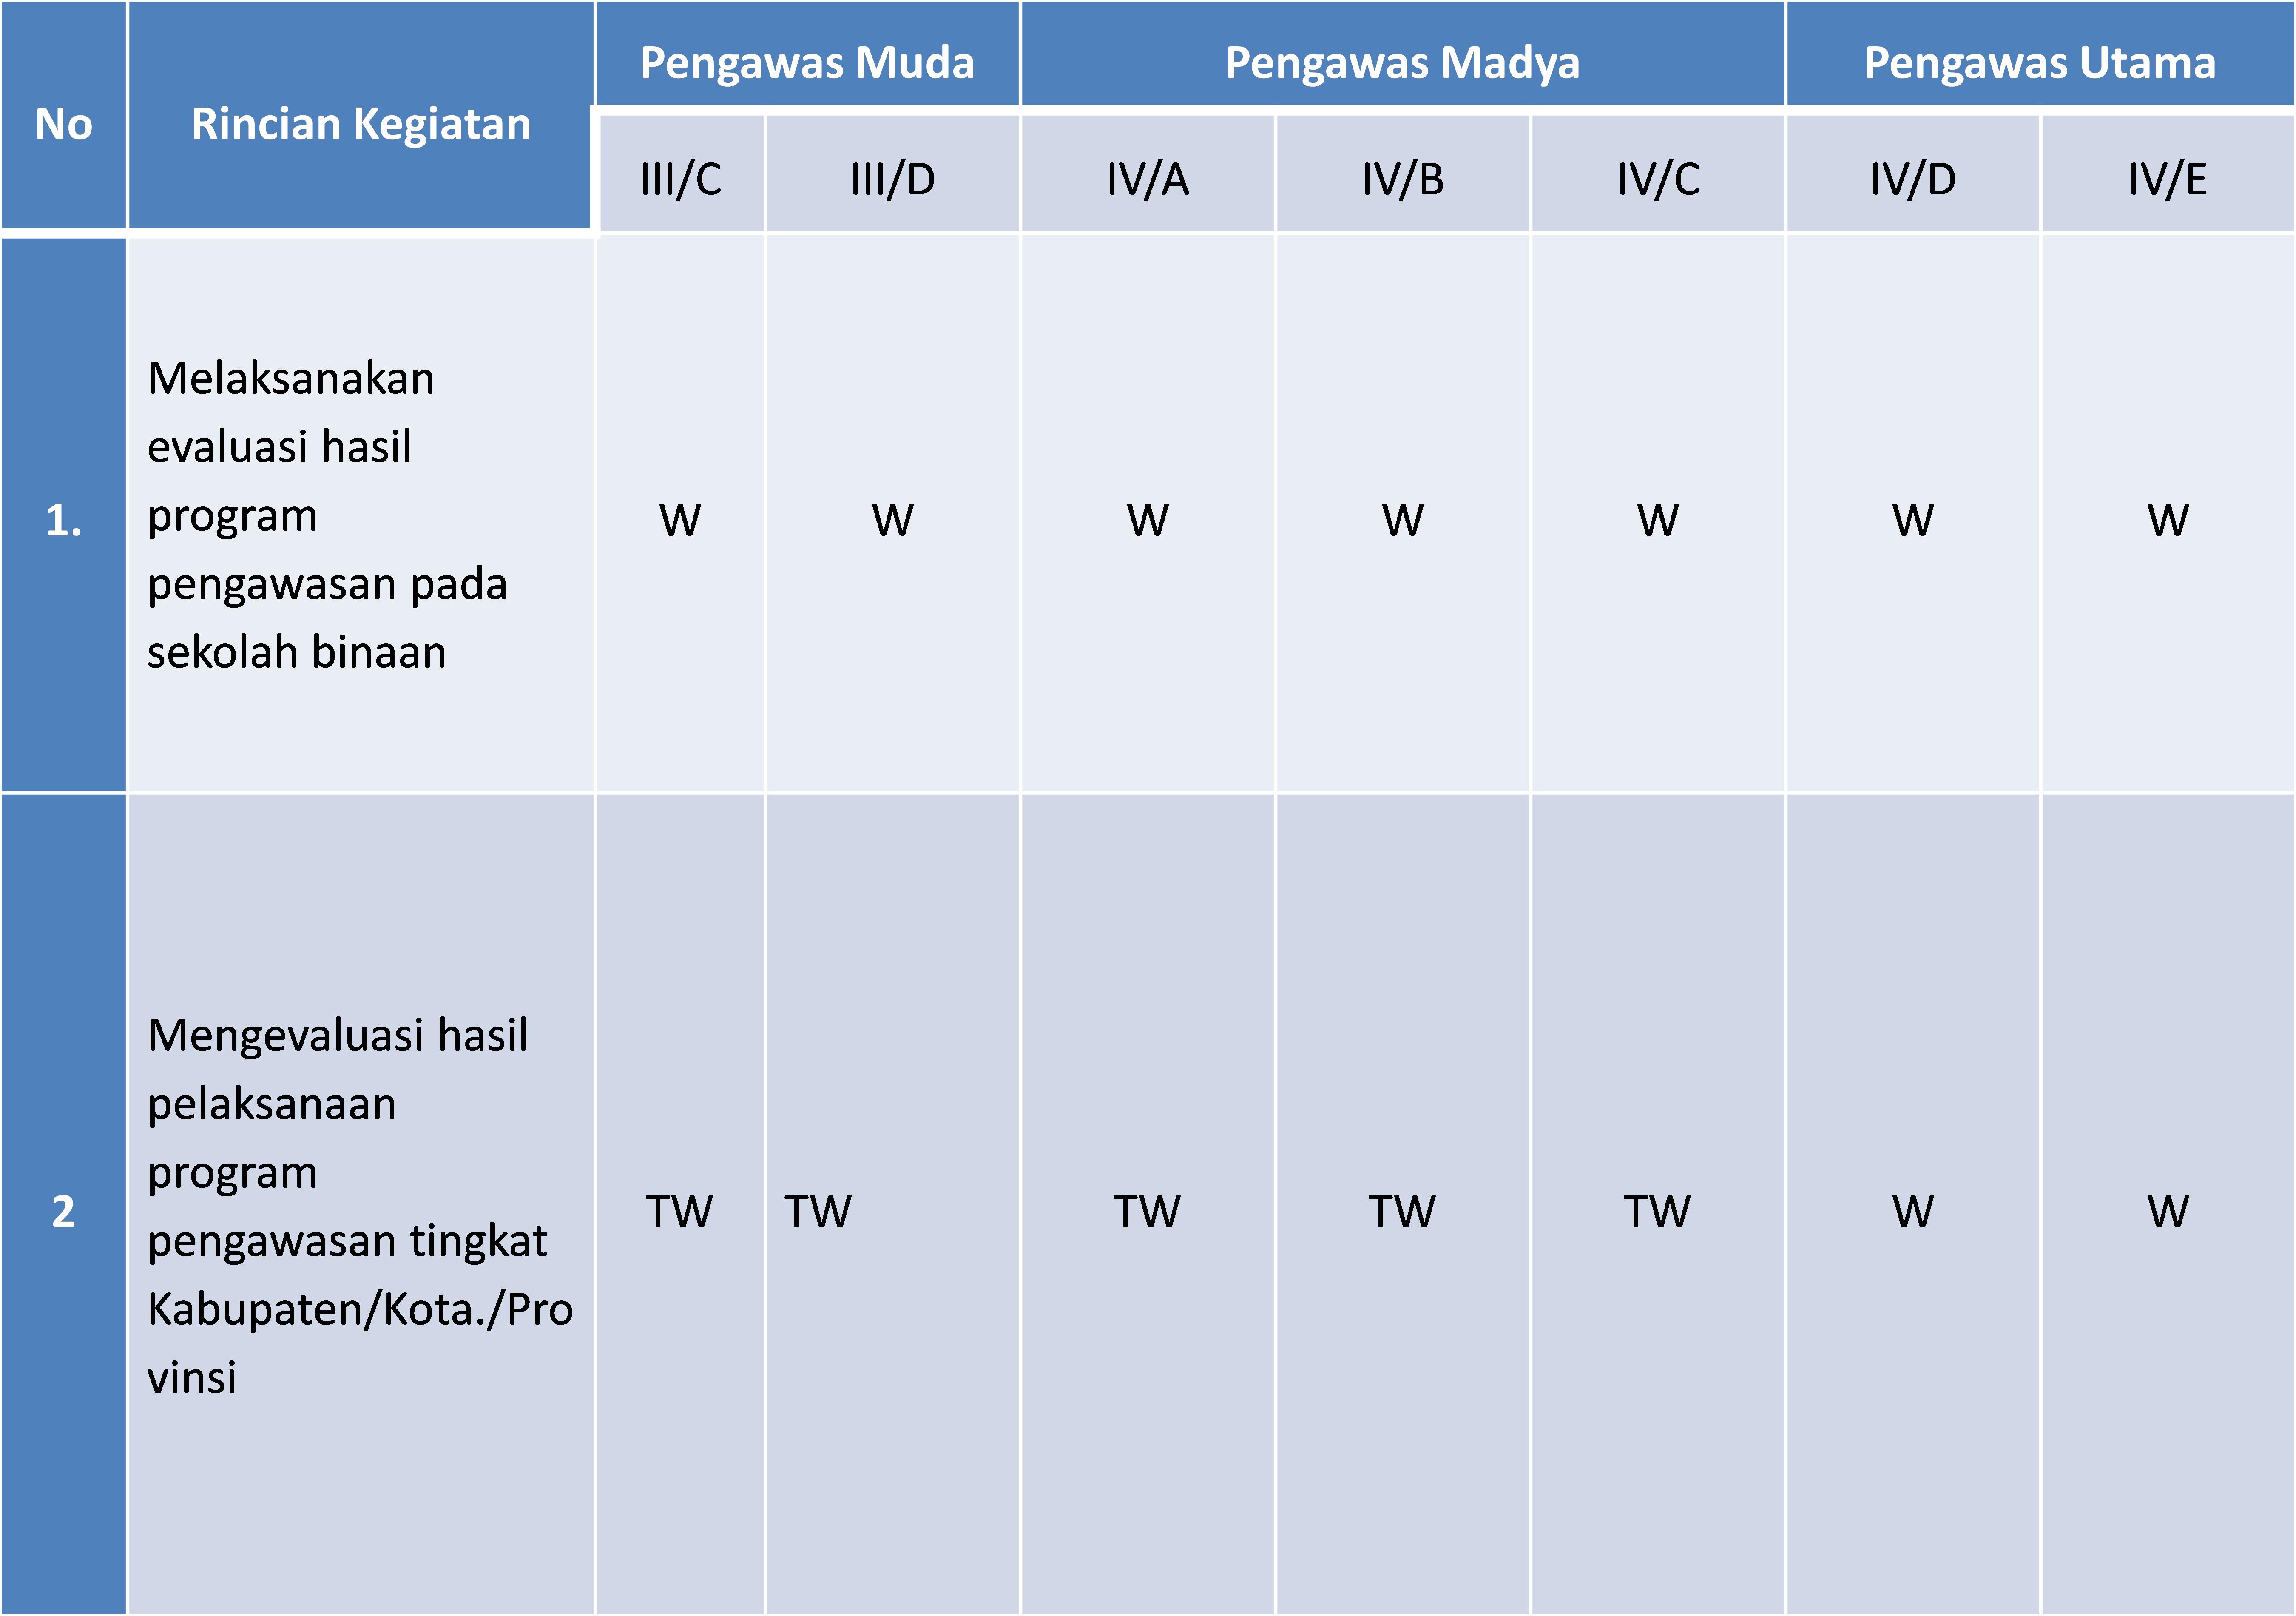 Evaluasi Hasil Pelaksanaan Program Pengawasan Suaidinmath S Blog